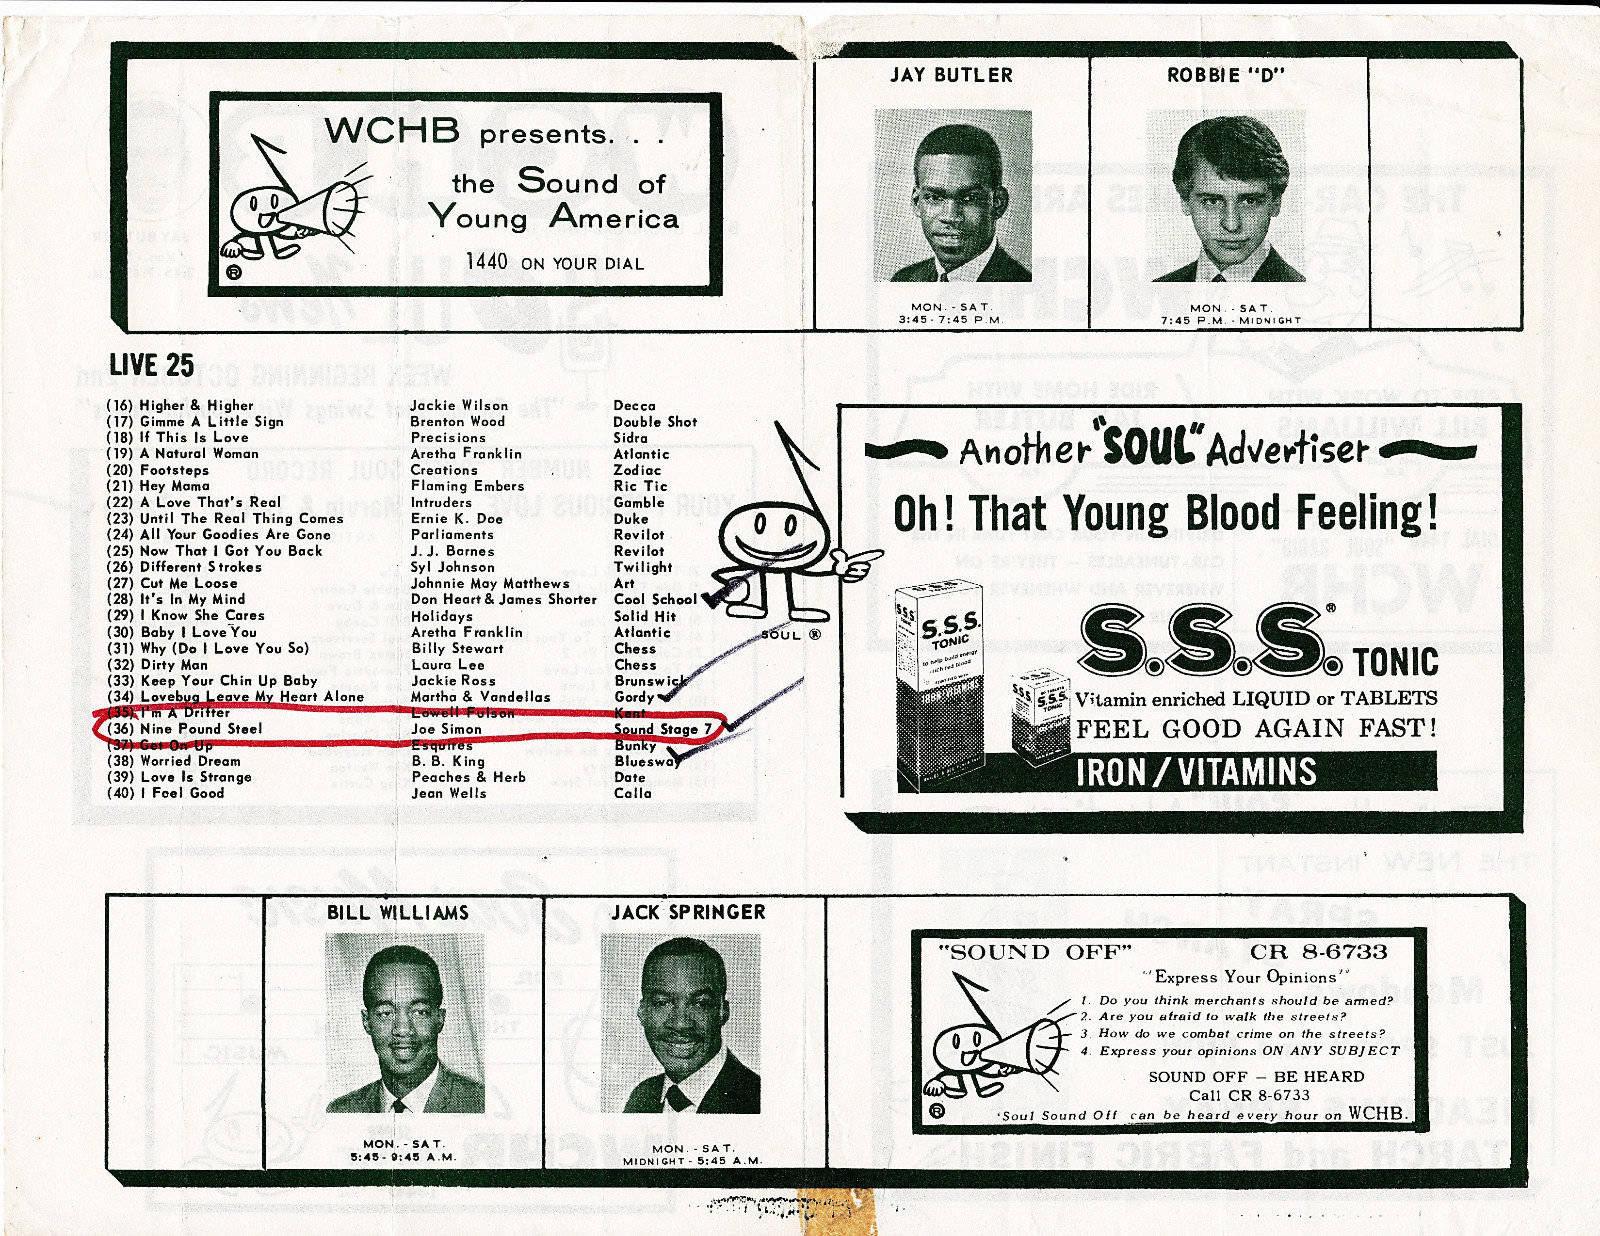 WCHB_1967-10-02_2